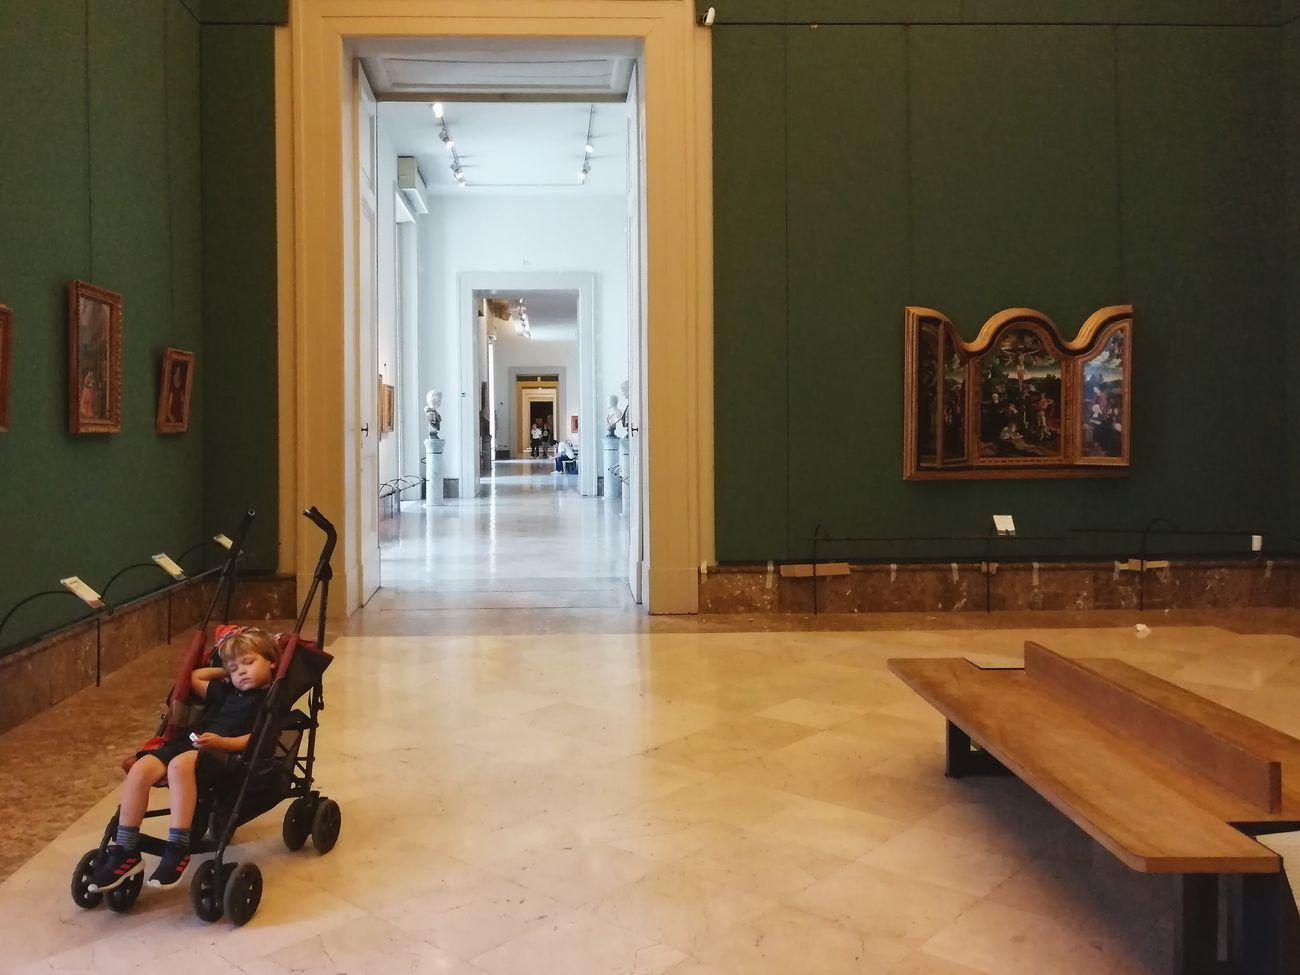 Museo di Capodimonte, Napoli, luglio 2019. Photo Carmelania Bracco